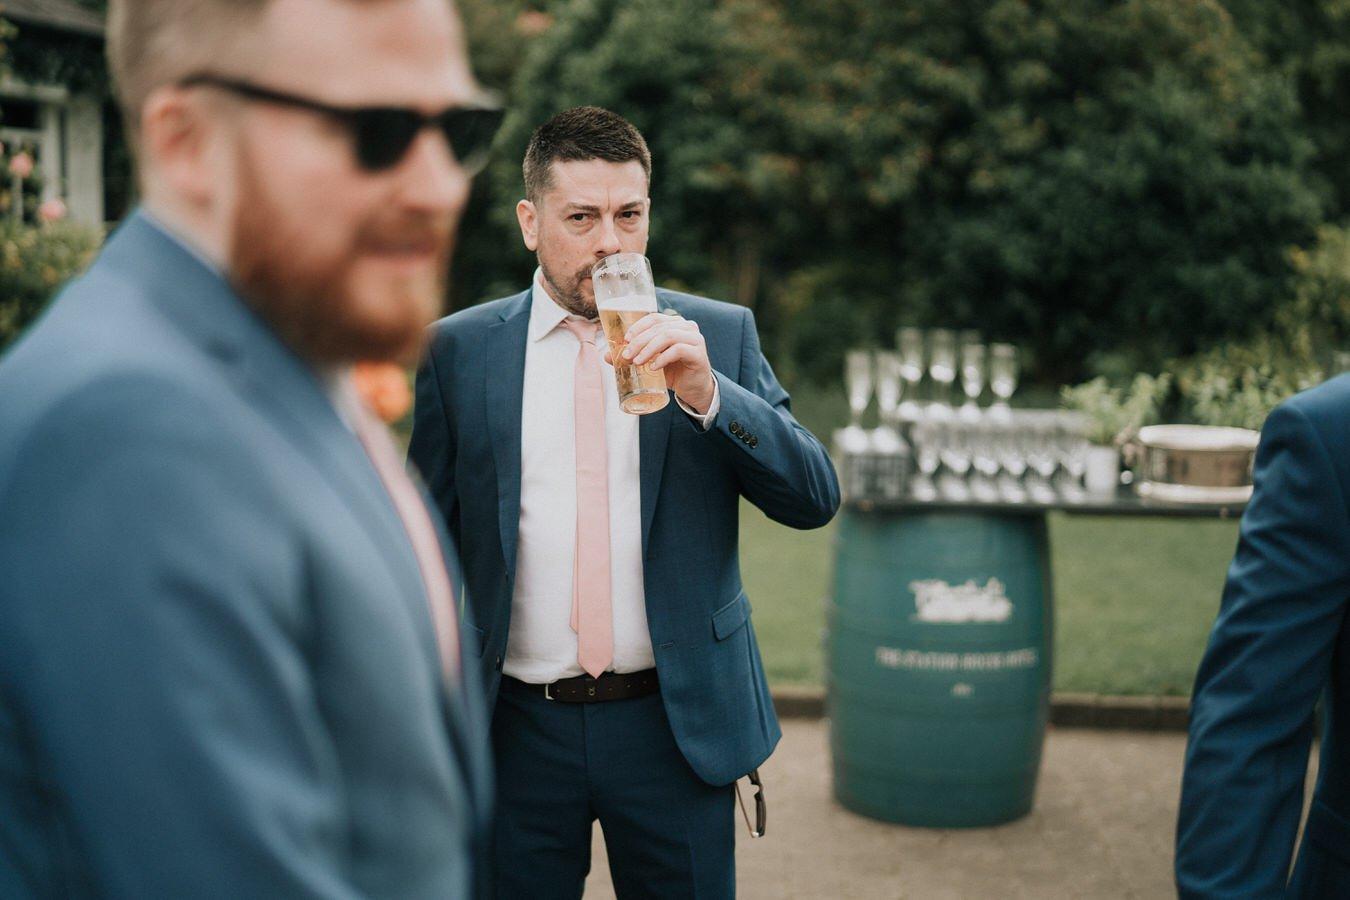 The-Station-House-wedding-Dublin-photographer- 0046 44